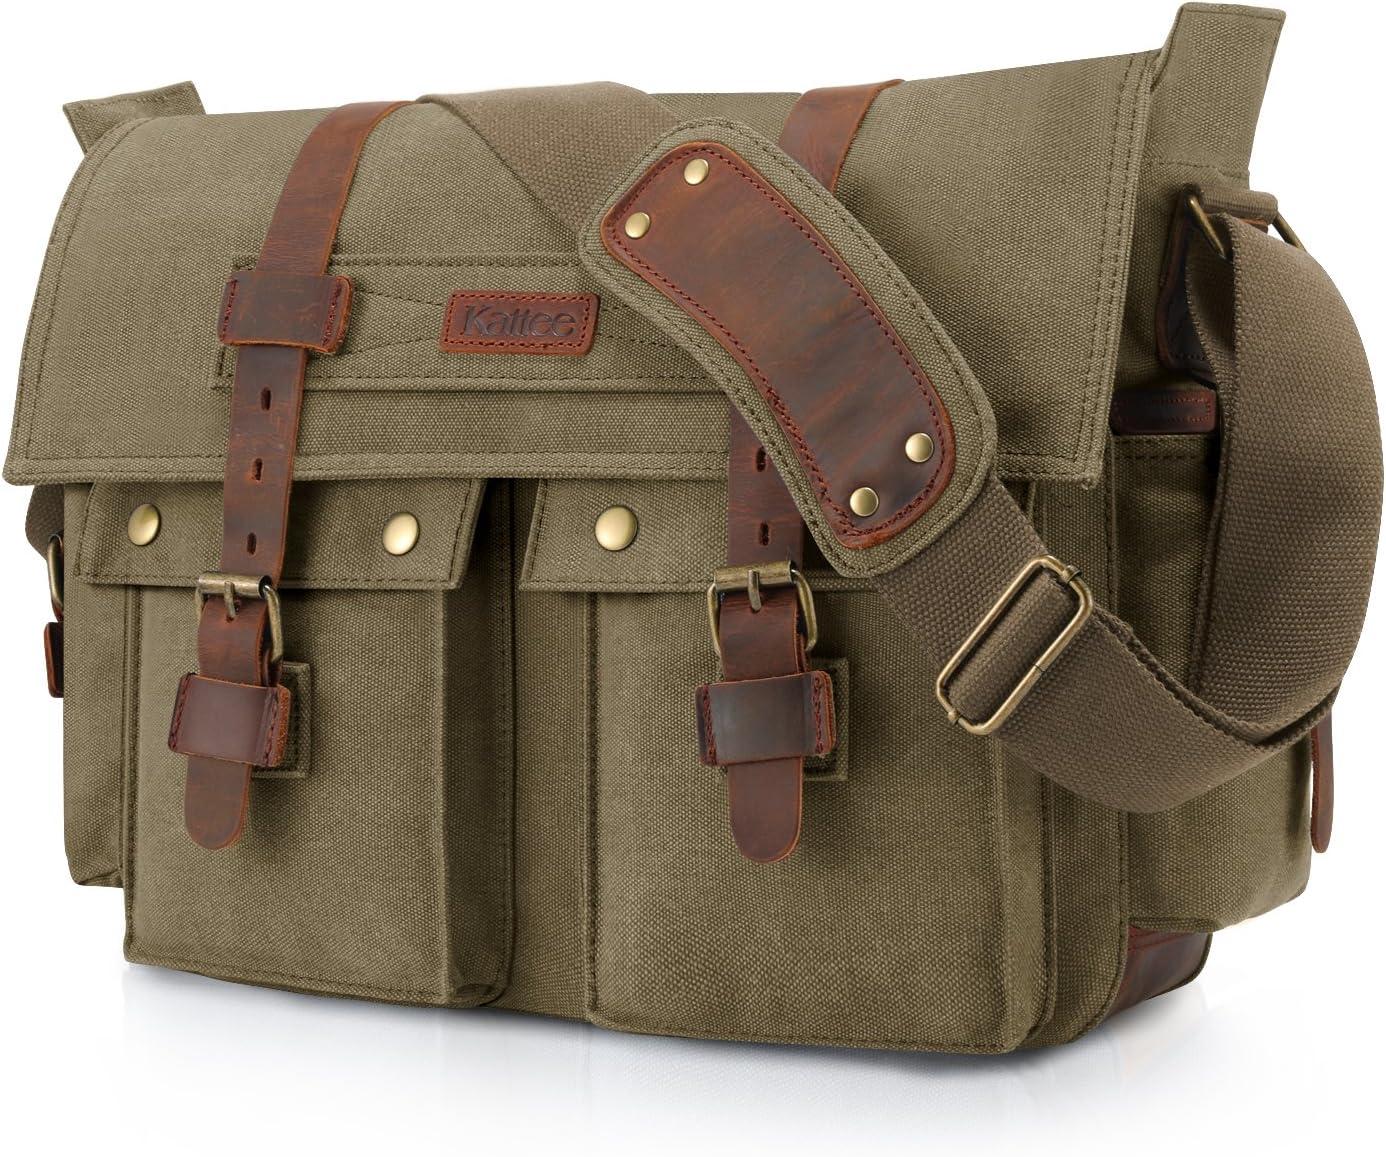 Kattee Military Messenger Bag Canvas Leather Shoulder Bag Fits 16 Inch Laptop